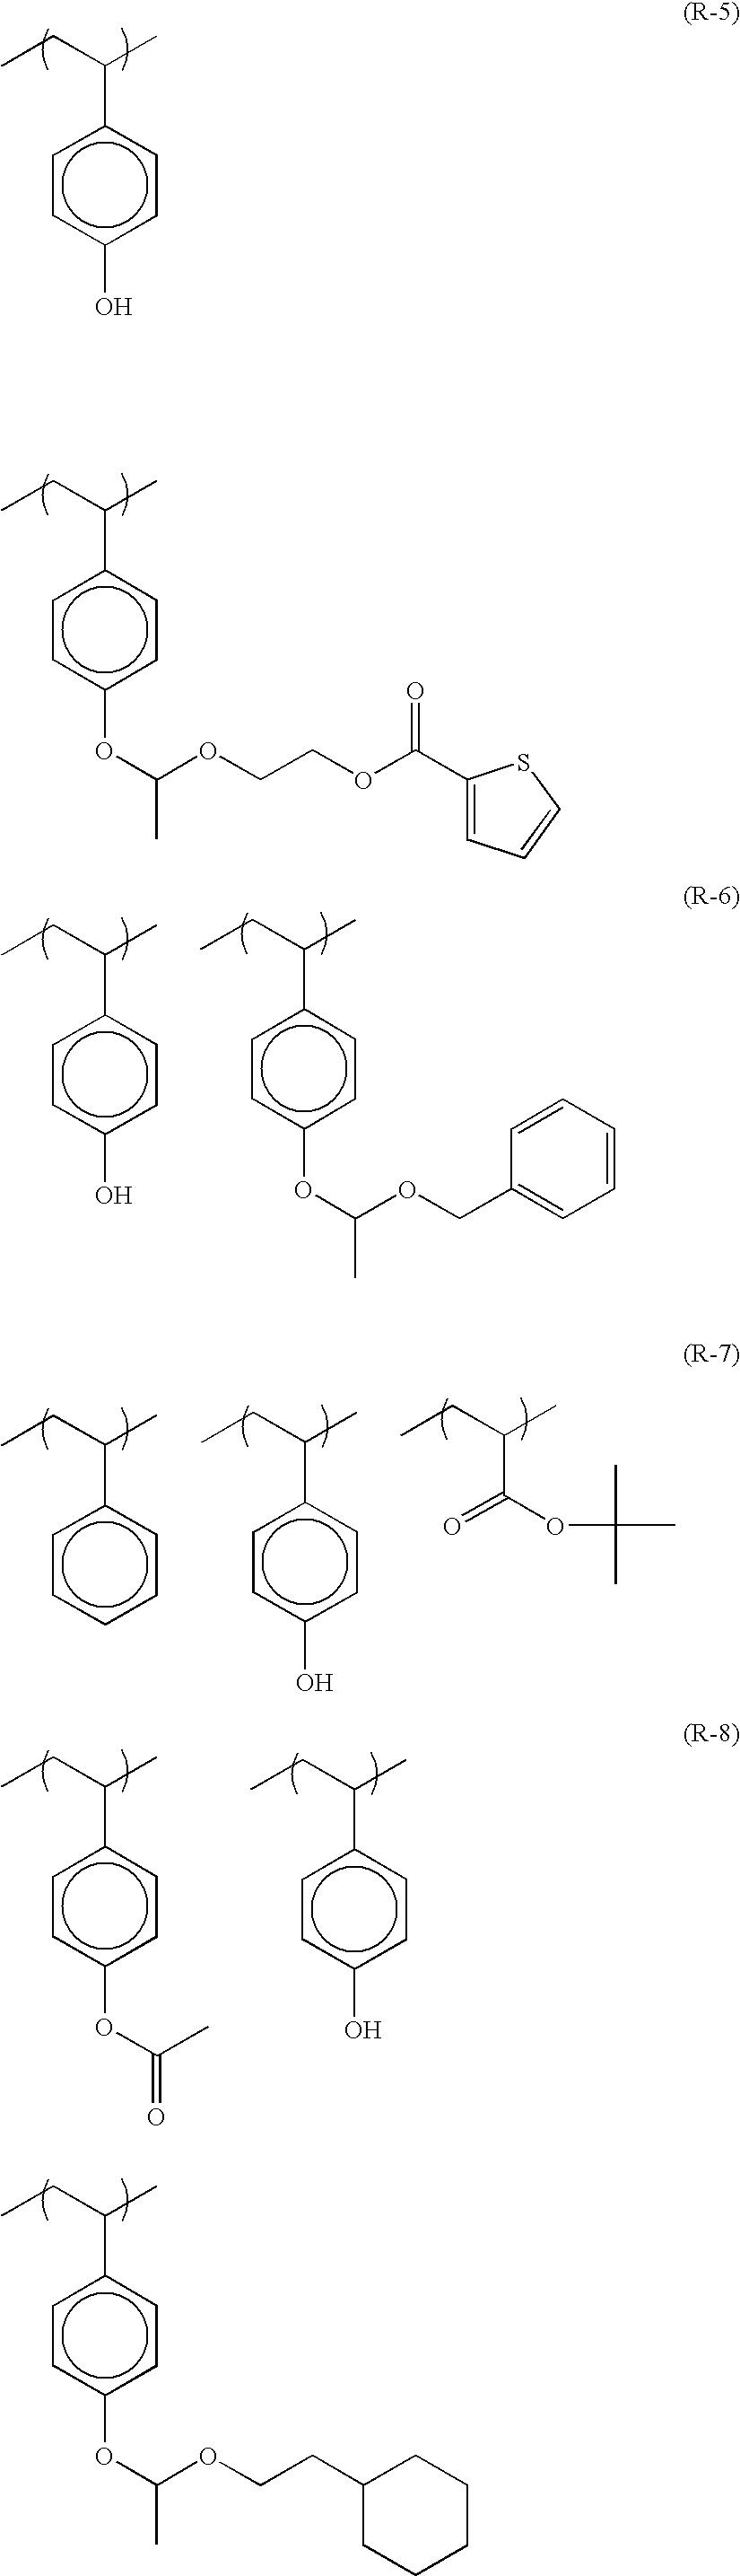 Figure US08637229-20140128-C00045